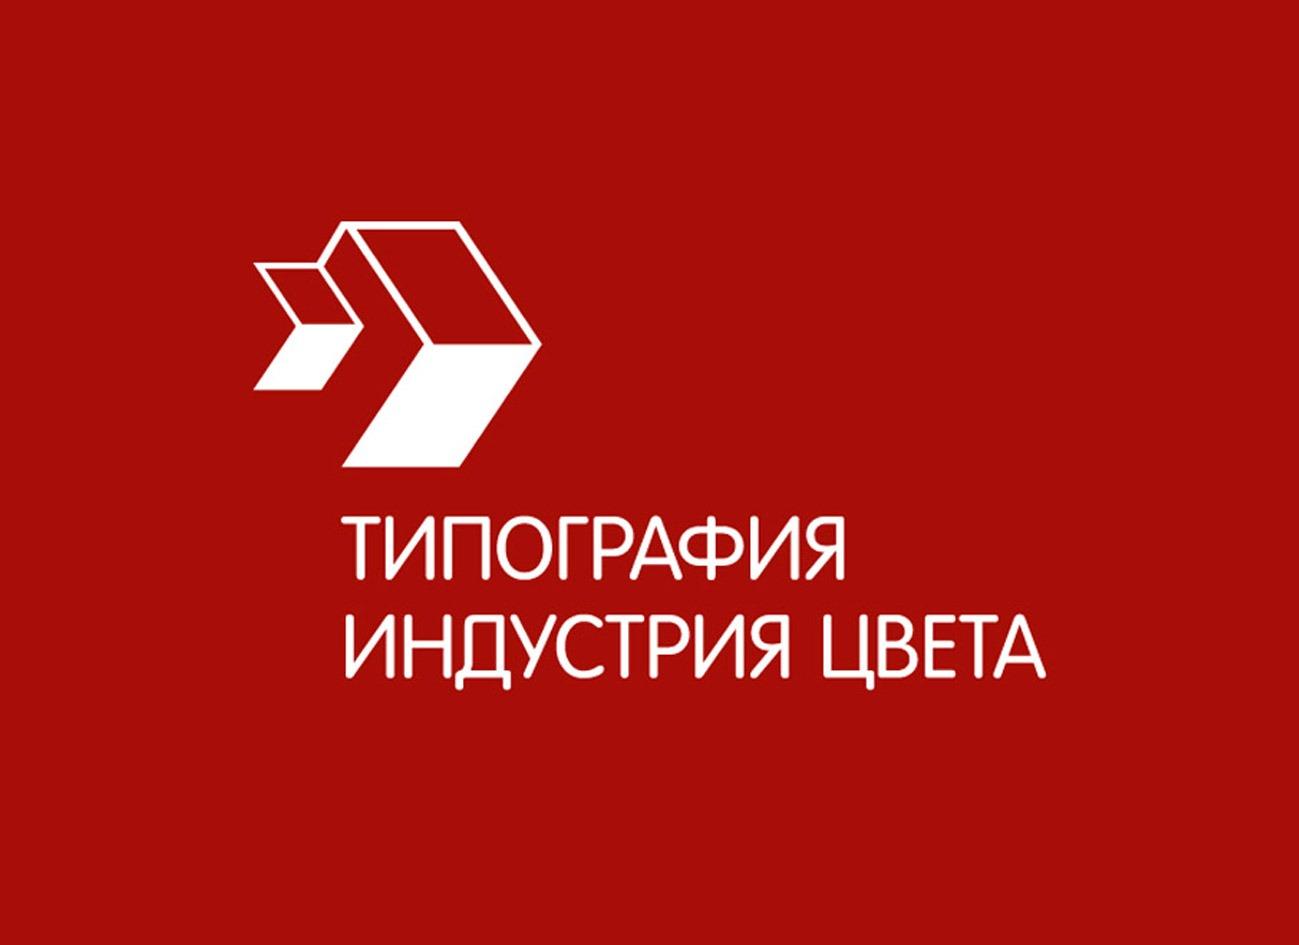 ребрендинг логотип 01